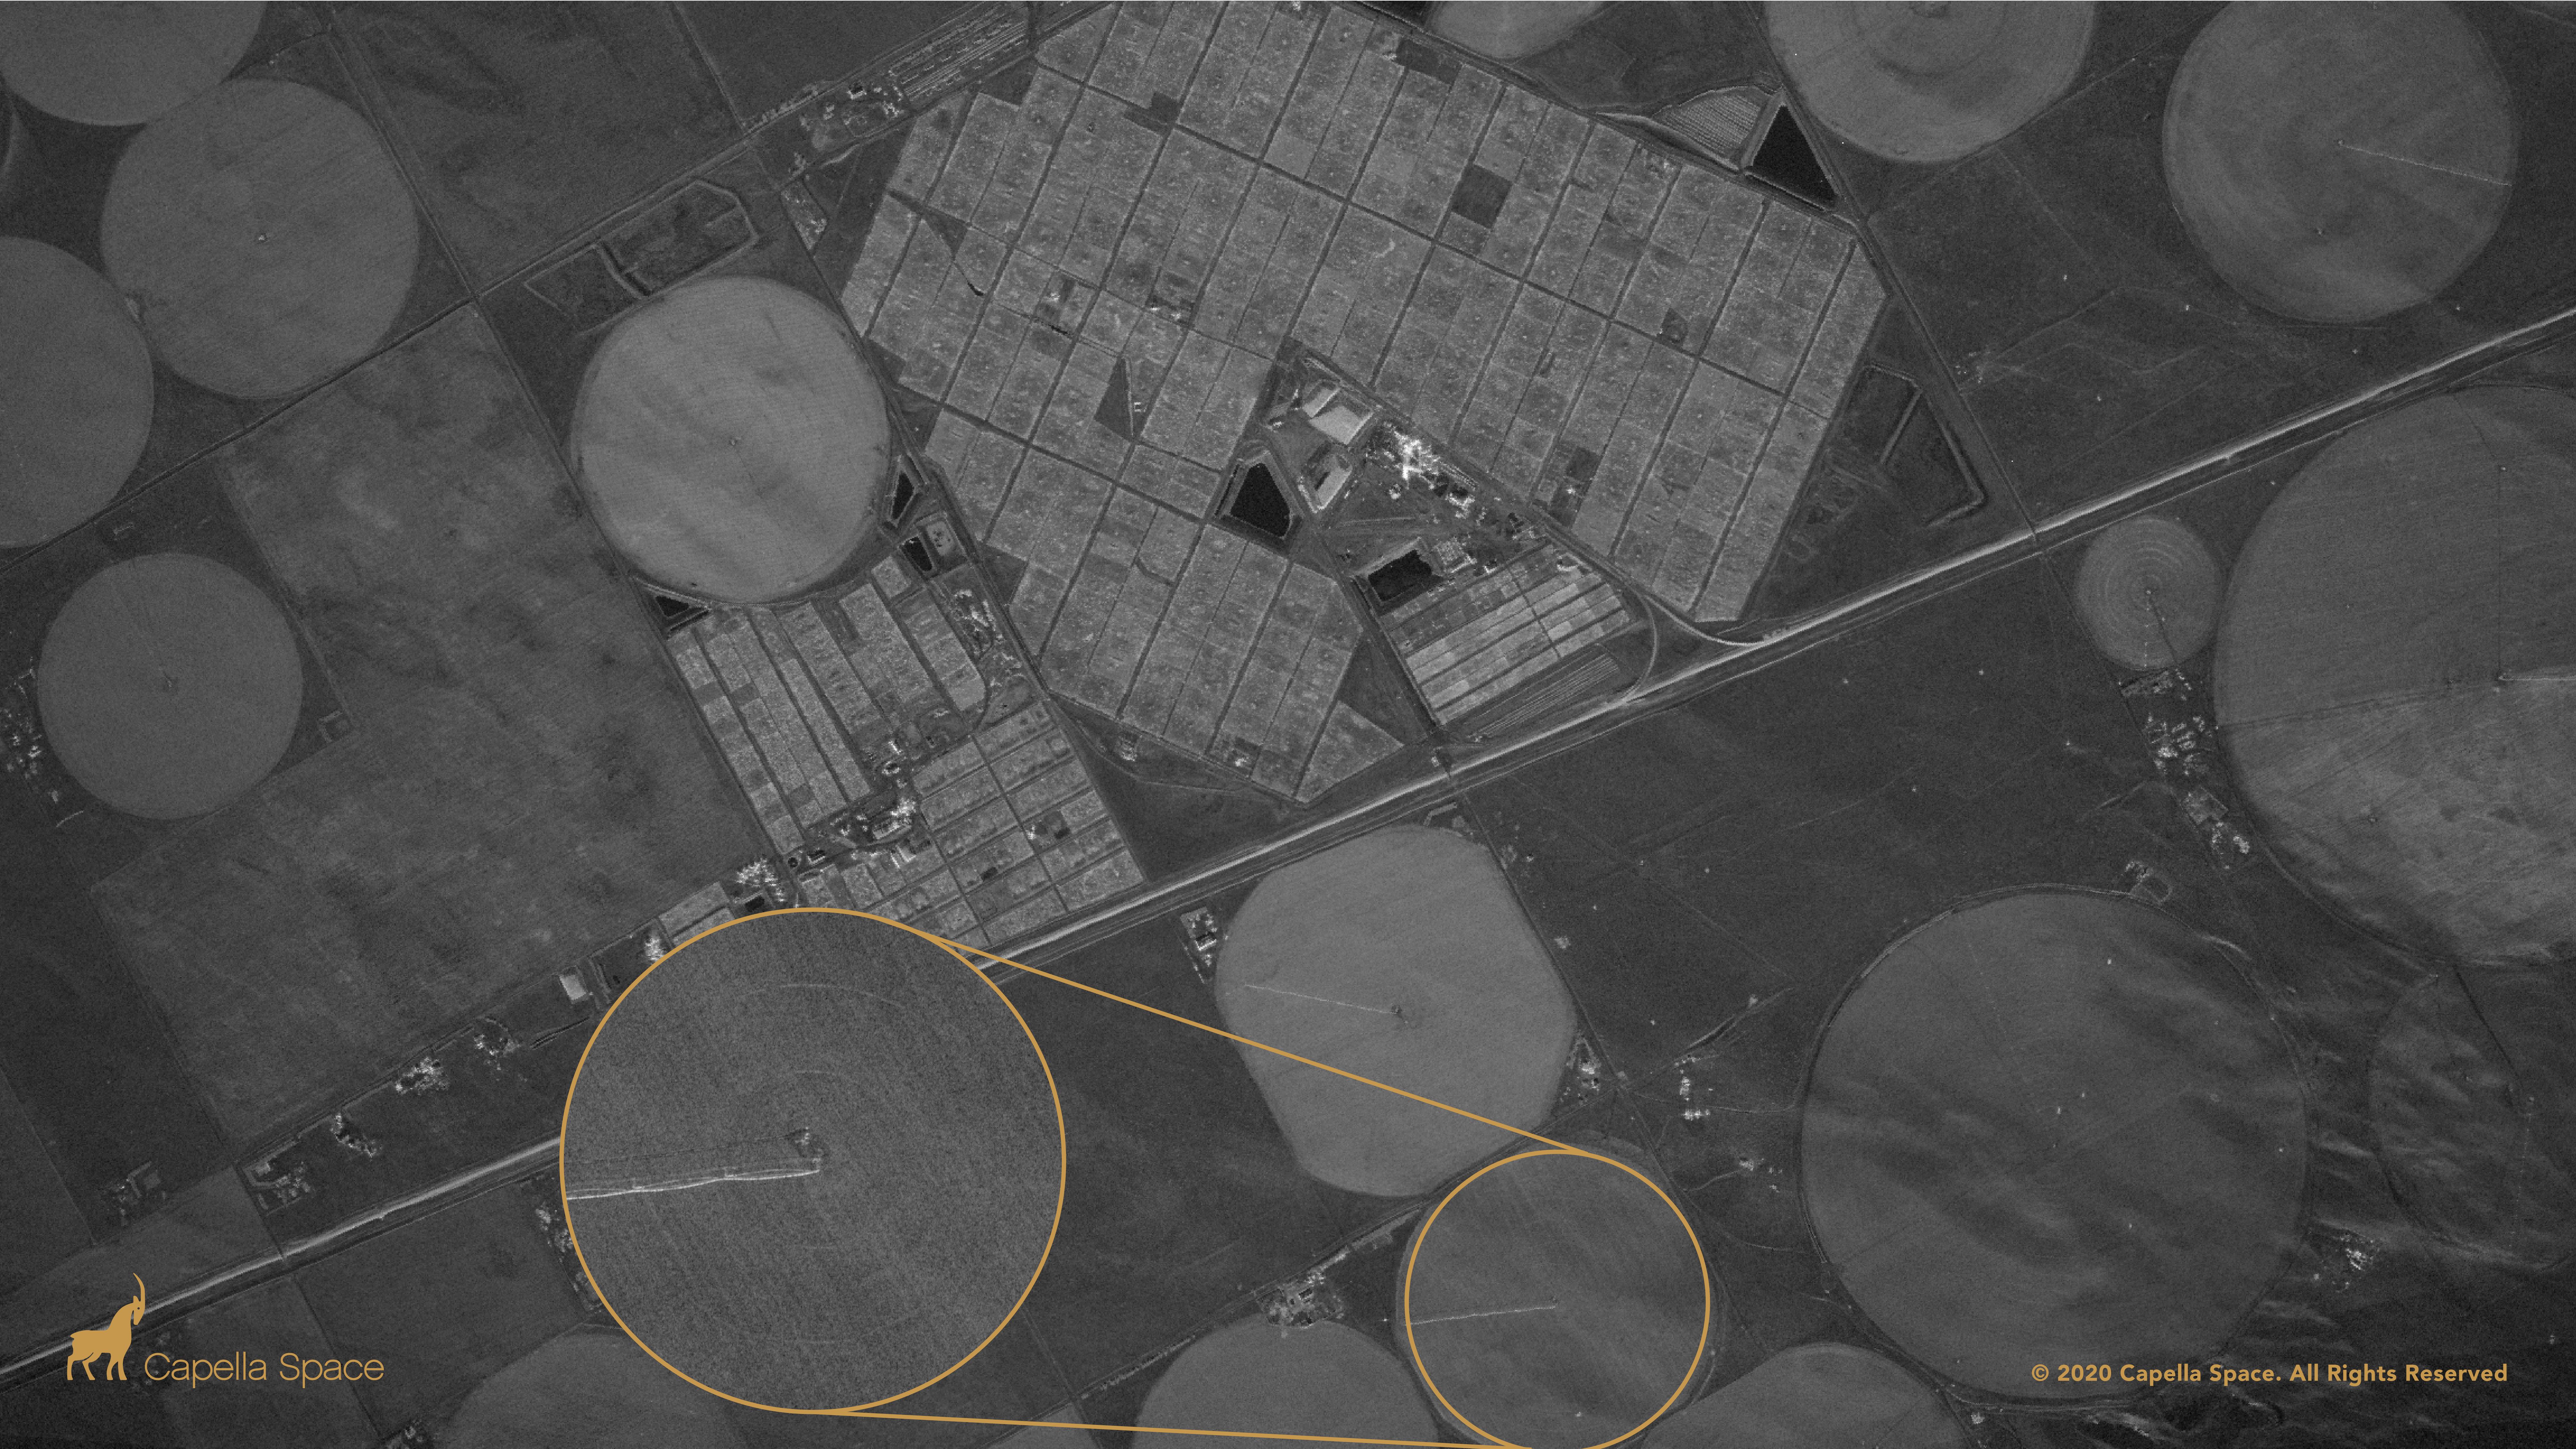 Sur cette image, vous pouvez voir les champs circulaires des zones agricoles du Colorado.  Différentes cultures reflètent différentes quantités de signal radar.  Un effet ondulé dans la partie inférieure droite de l'image indique la présence de petits changements dans la pente du sol.  Une vue agrandie d'un seul champ montre même la conduite d'eau et les unités d'entraînement d'un système d'irrigation à pivot central.